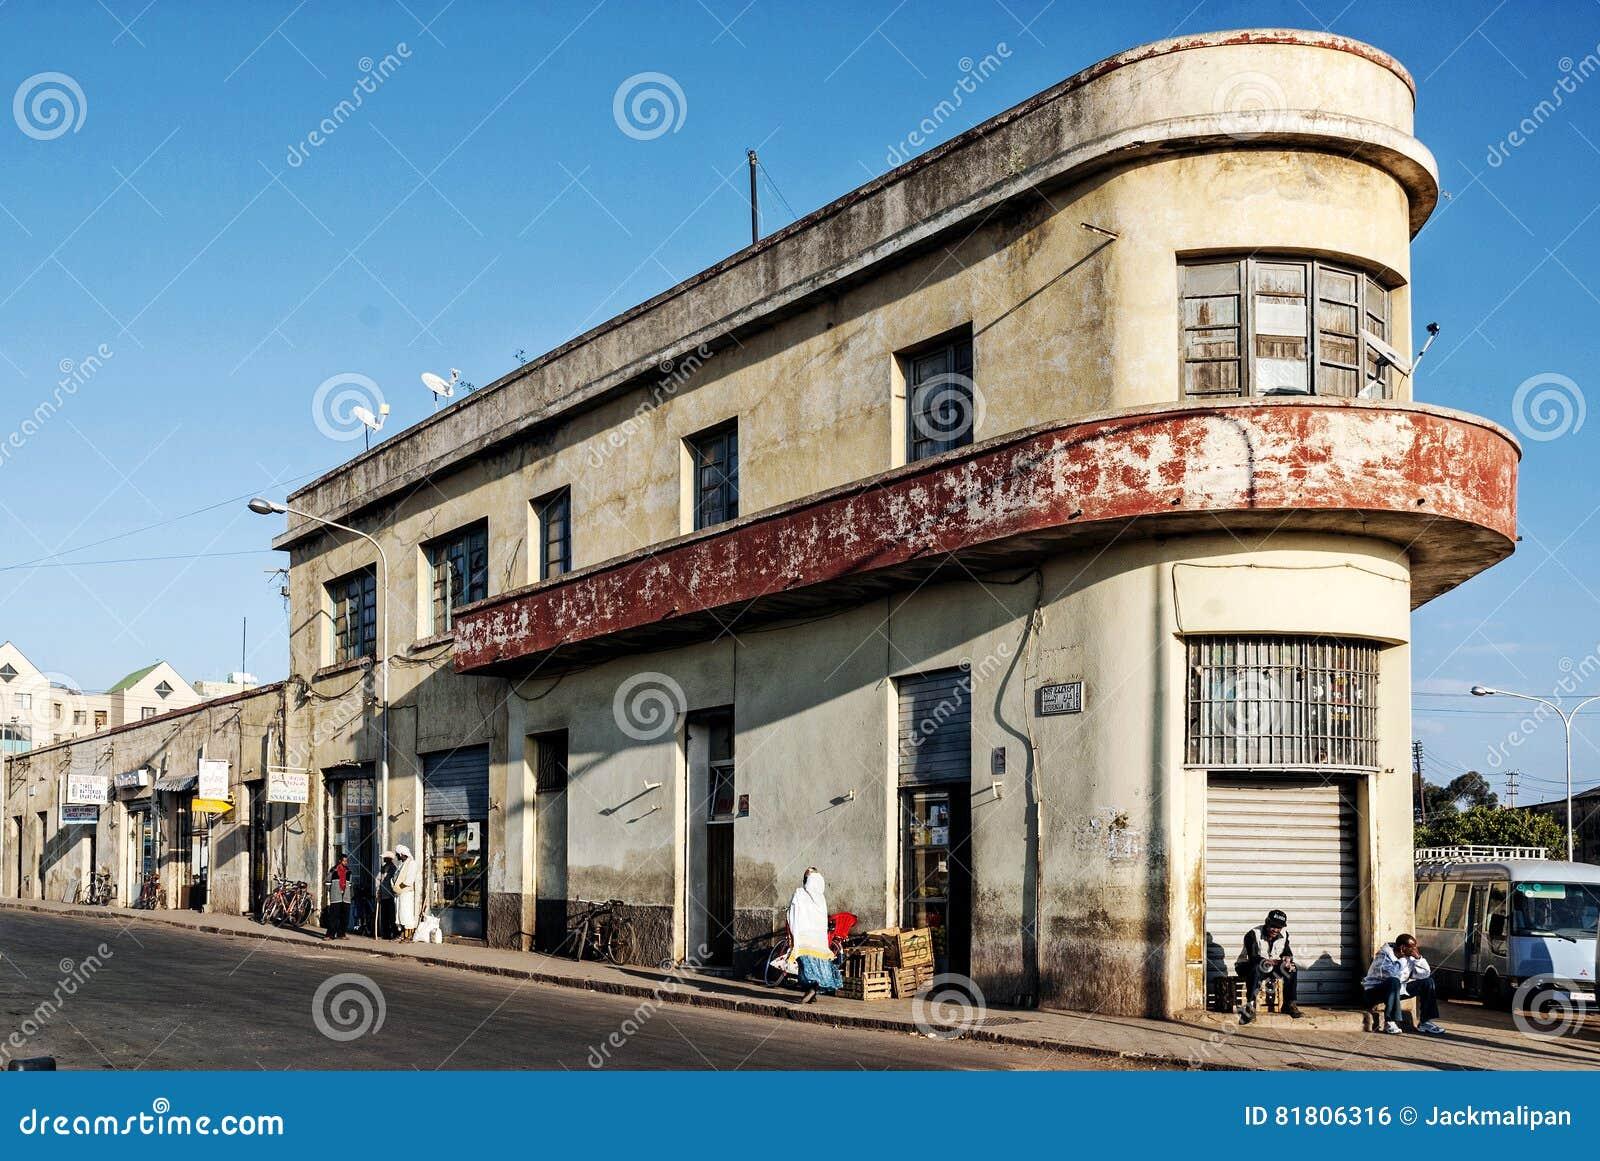 italian colonial old art deco building in asmara city eritrea